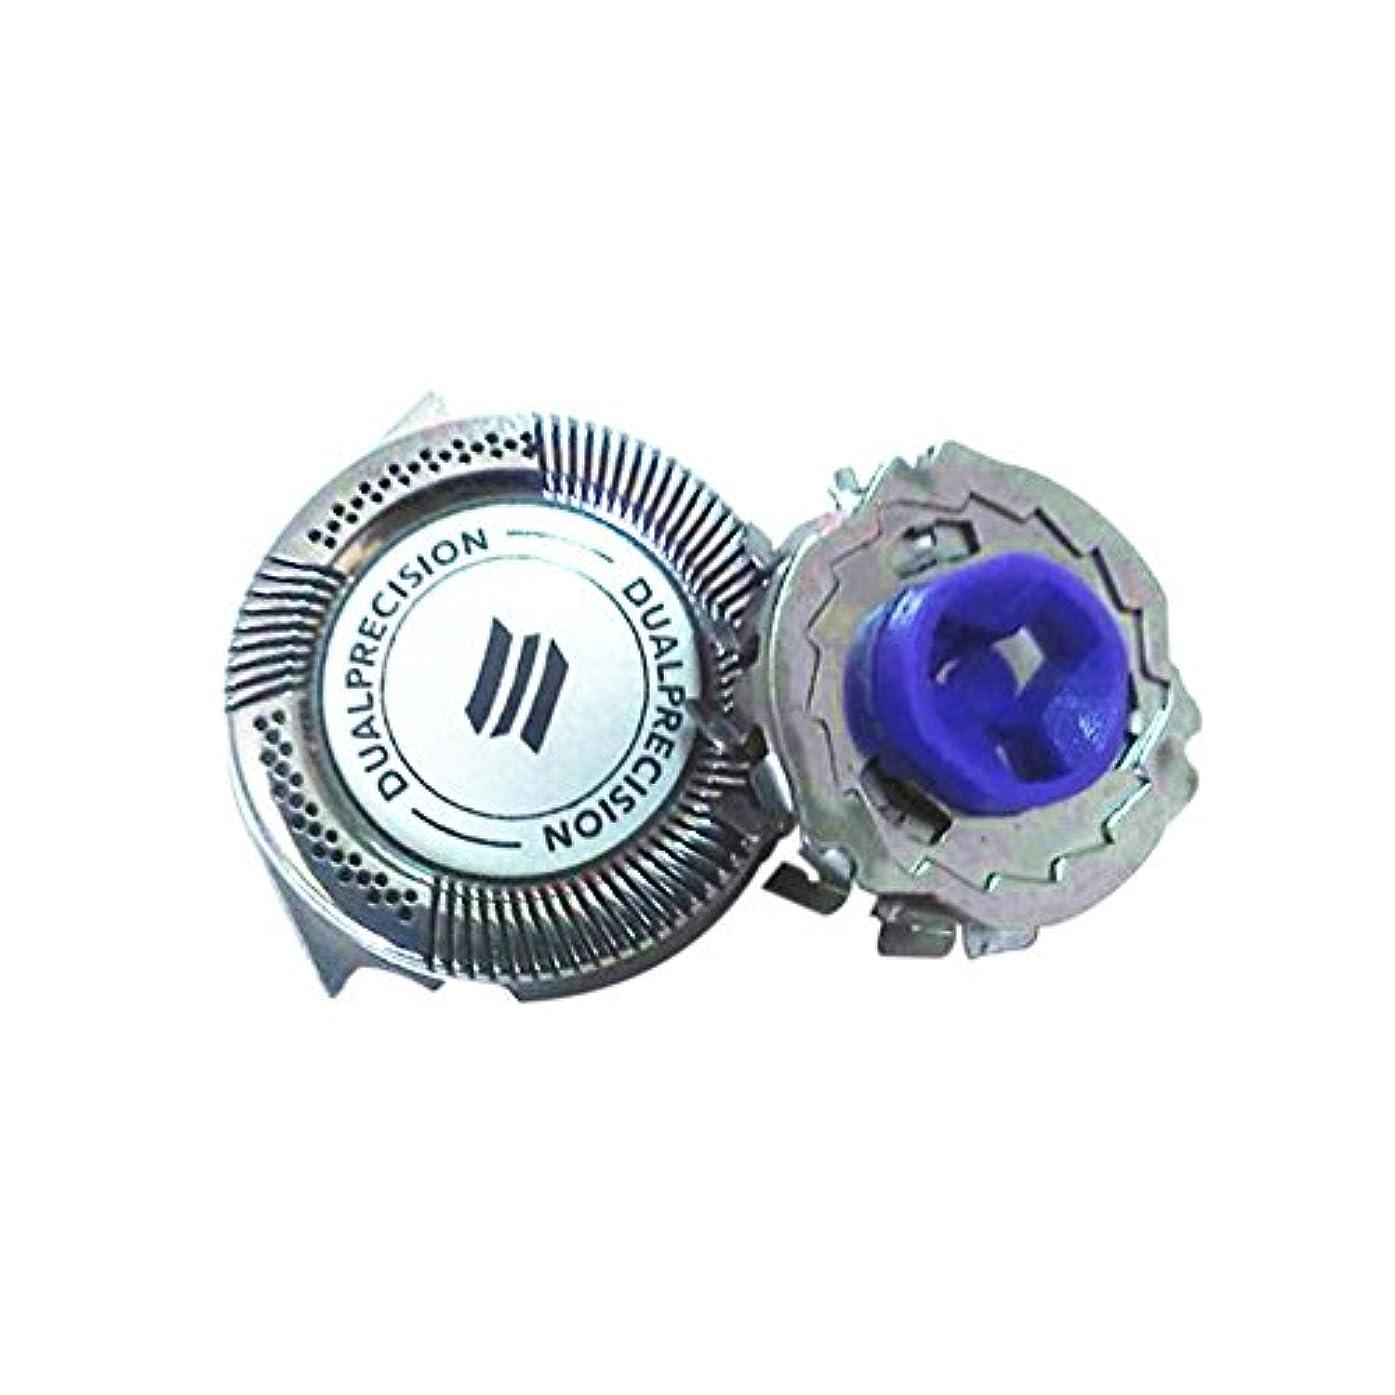 備品開示するアラブHZjundasi Replacement シェーバー Razor Head for Philip PT725 7325XL AT750 HQ6070